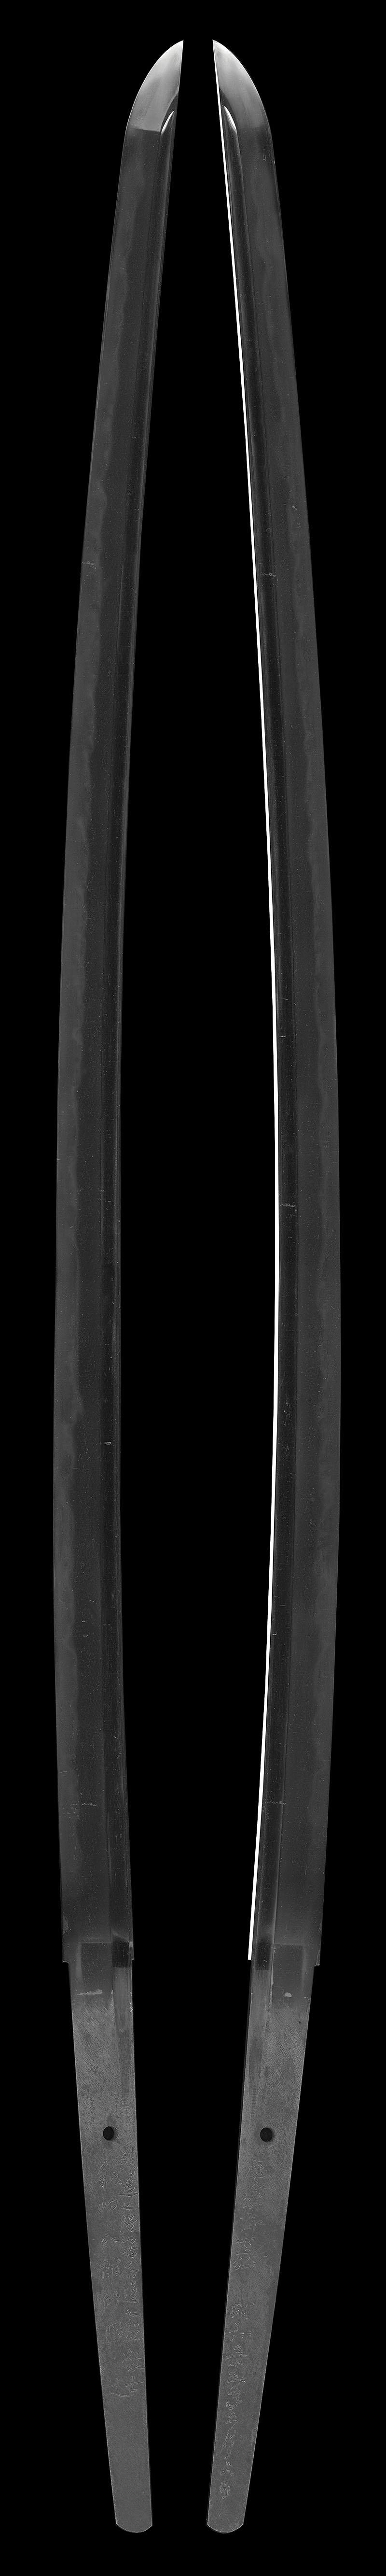 刀 剣道七段居合道七段教士和田八郎所用之  慶雲斎直弘  昭和三十五年手五月六日(柳川昌喜)Picture of whole